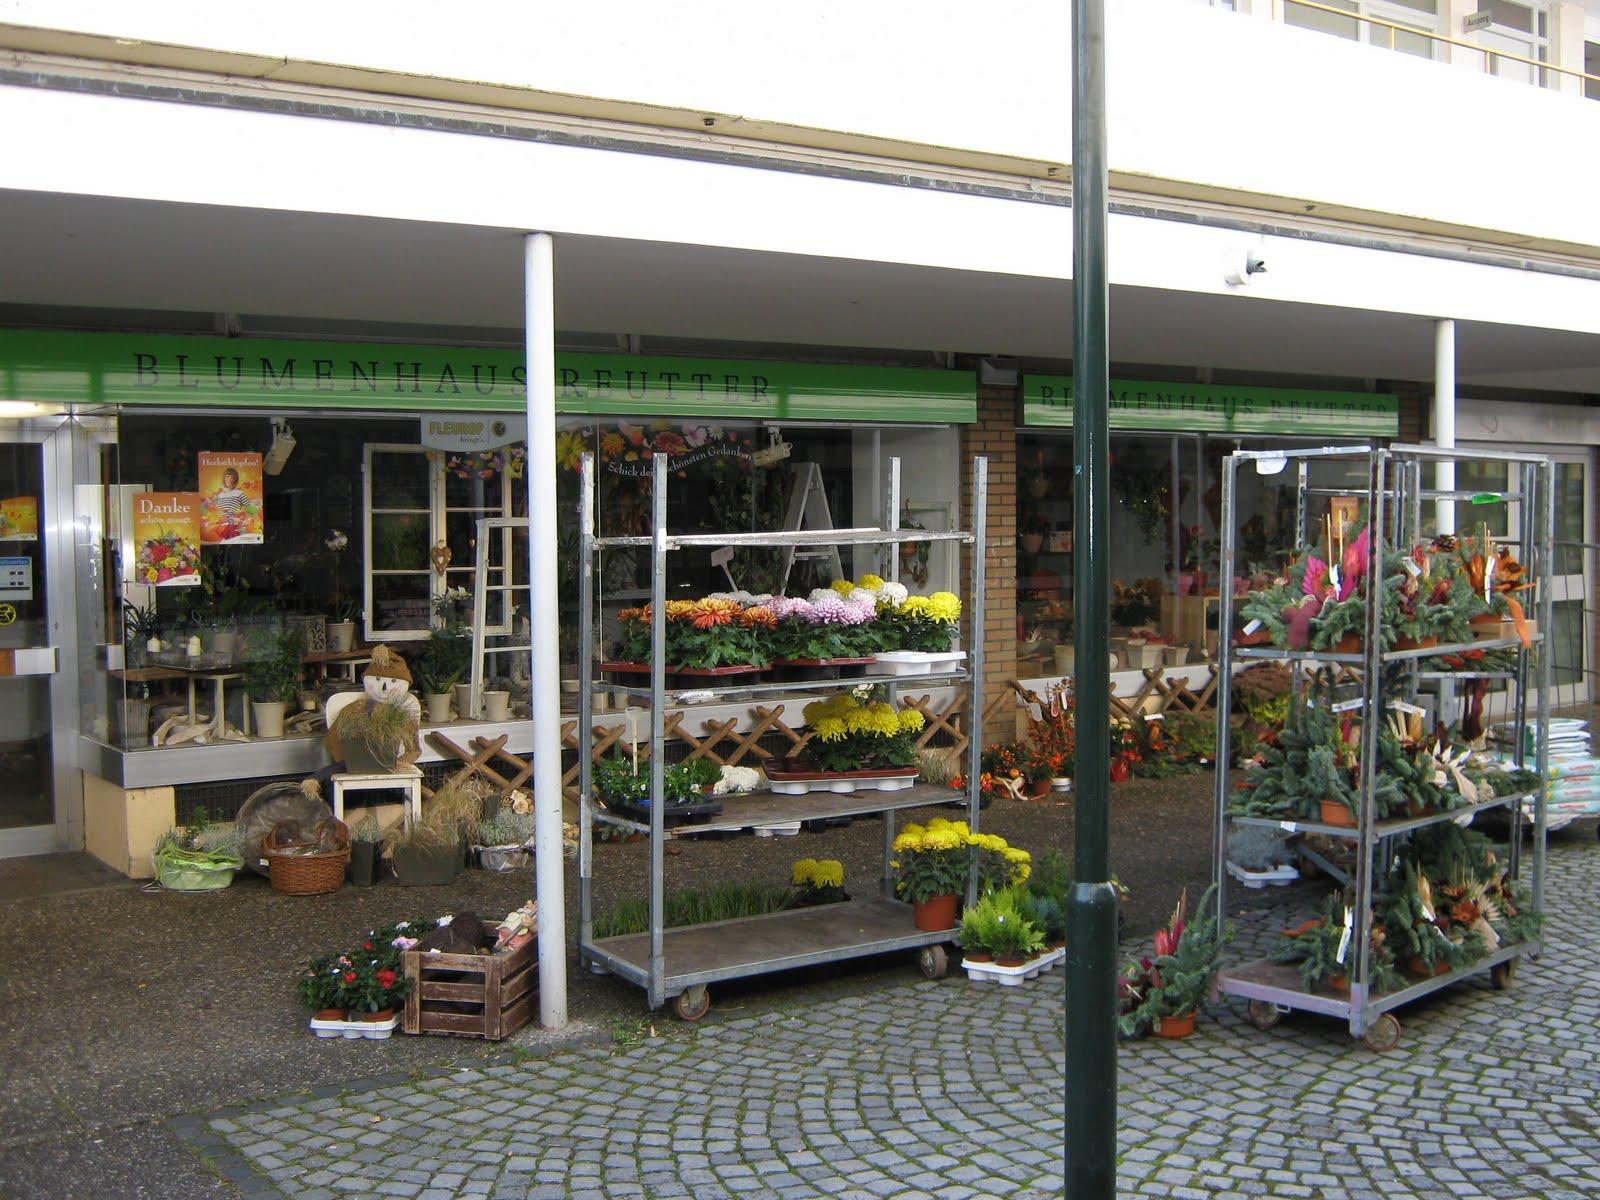 BILDERTANZ Orschel Hagen Einkaufszentrum